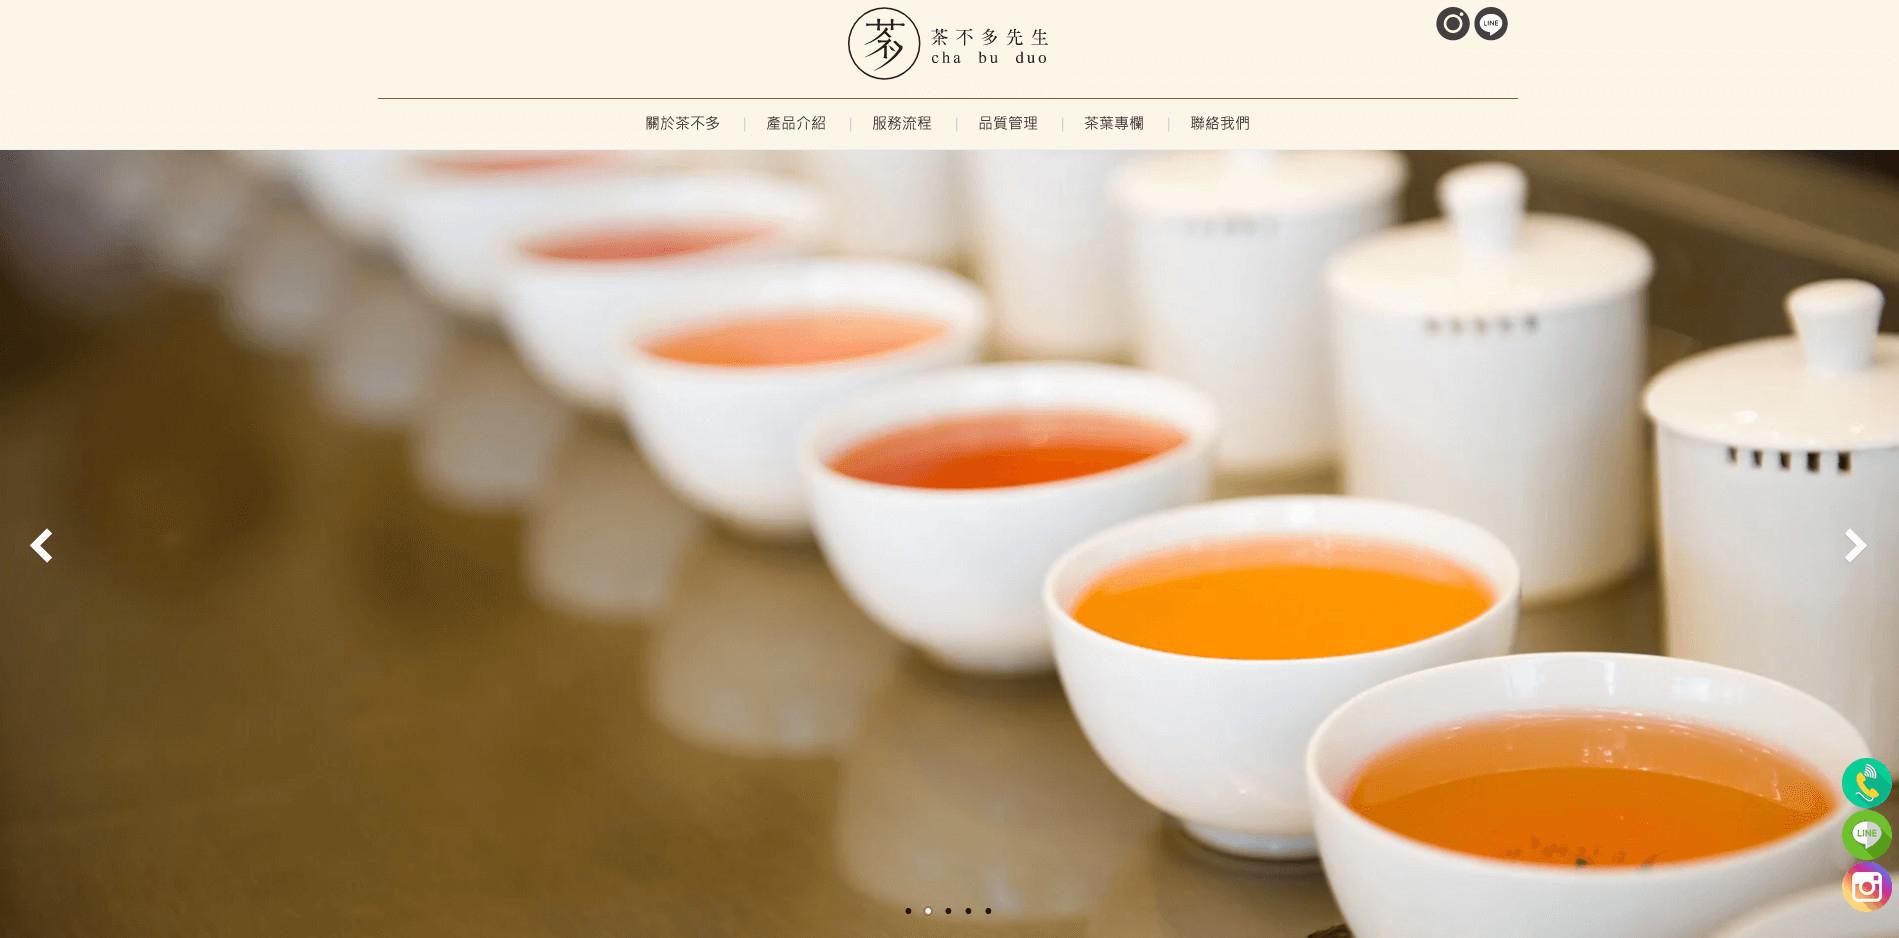 台北SEO優化成功案例-茶不多先生客製化網站設計主視覺-鯊客科技SEO優化網站設計公司